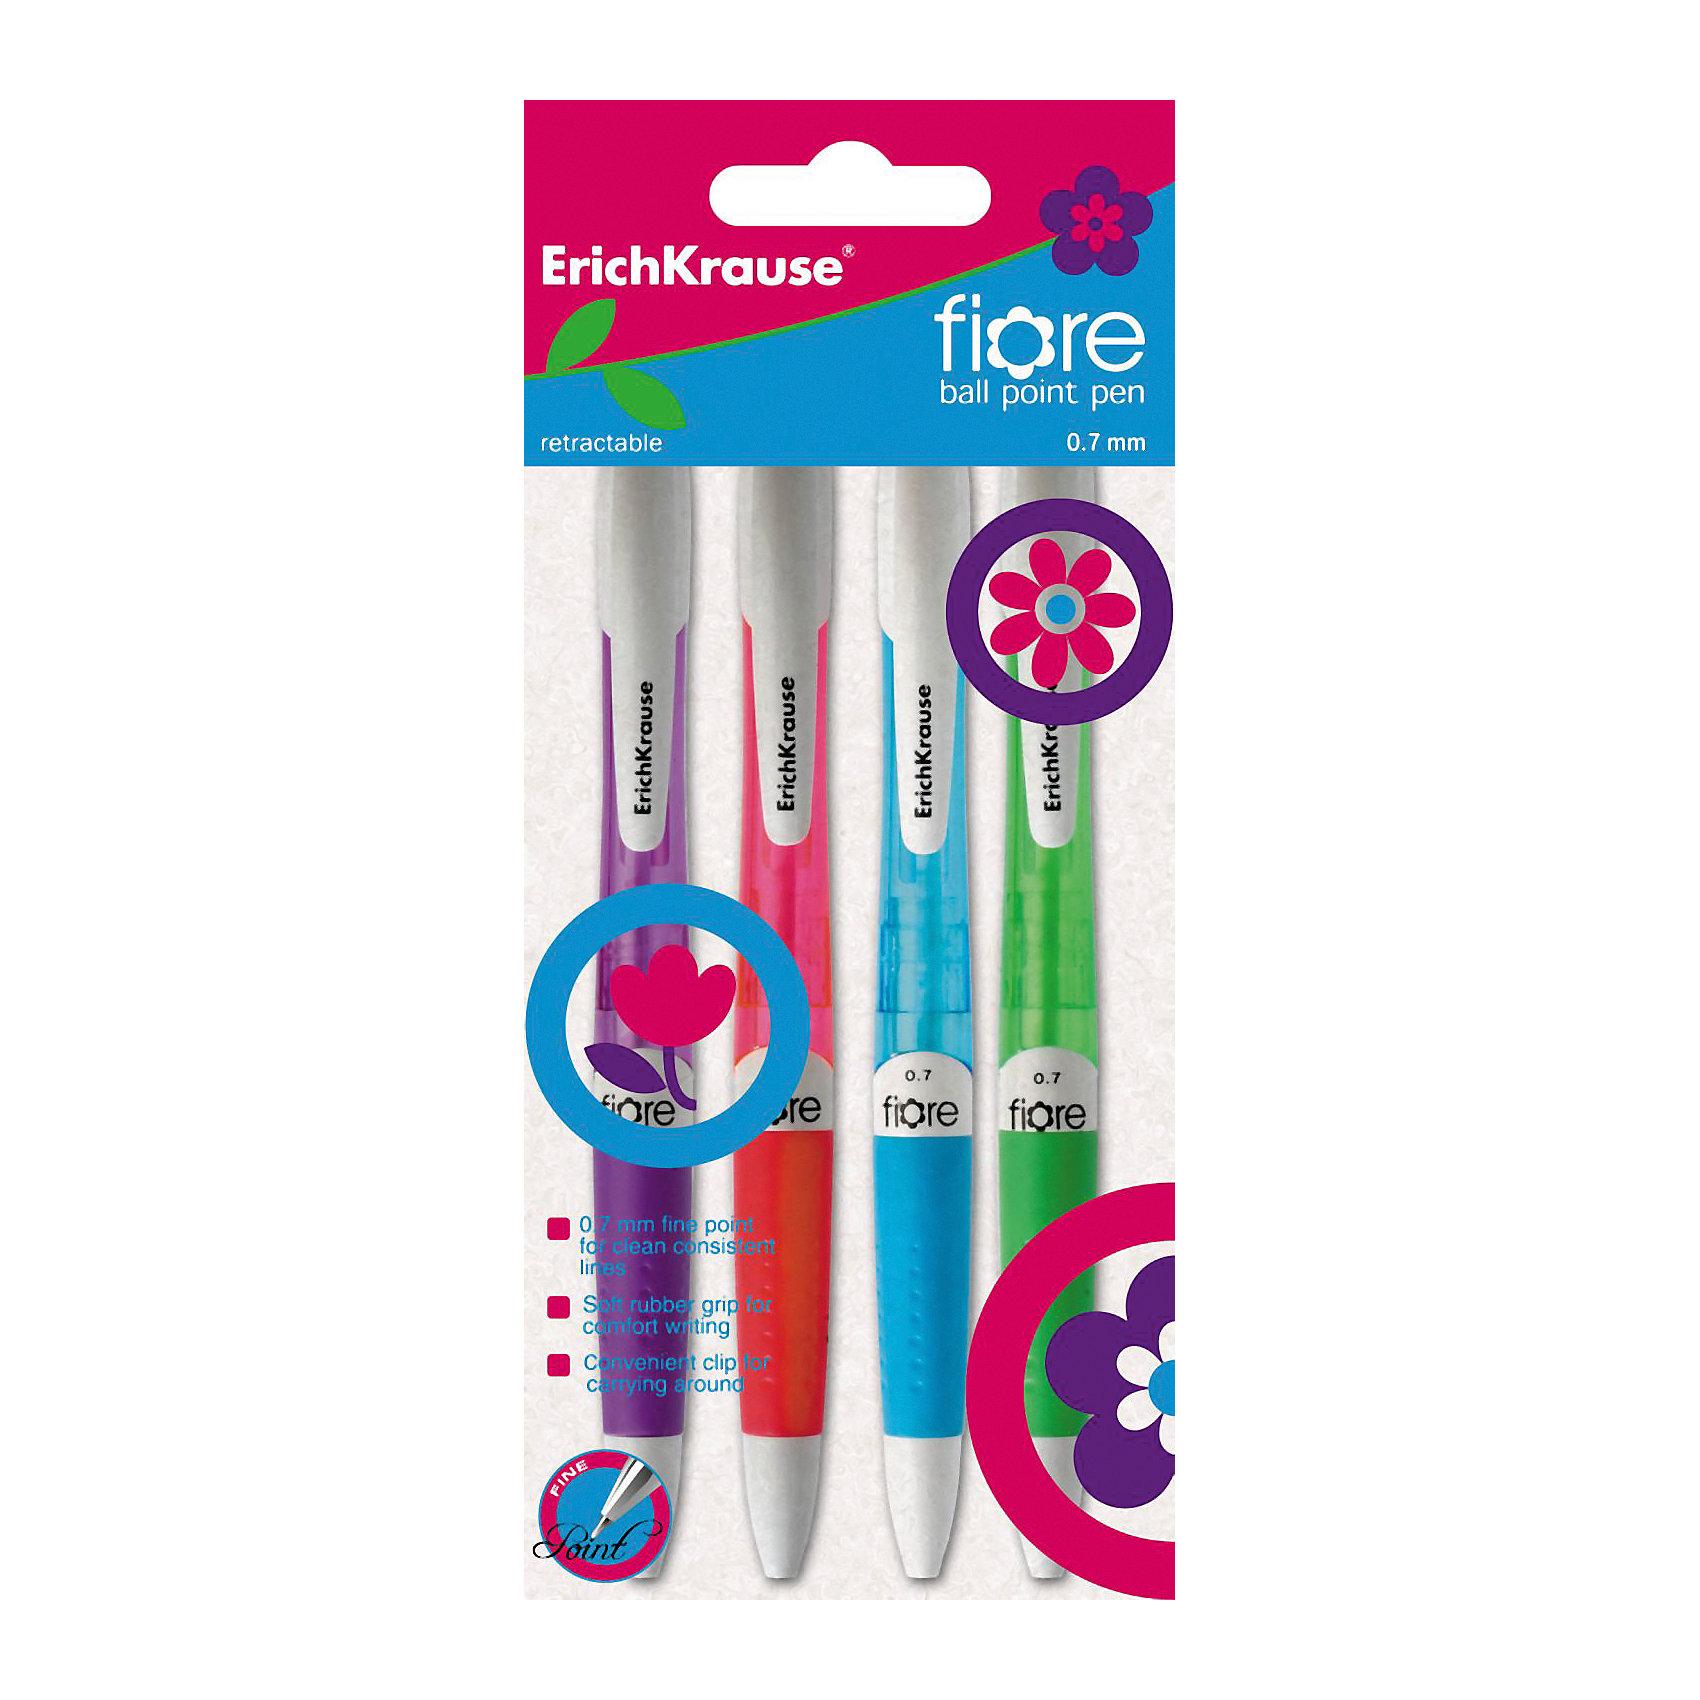 Erich Krause Ручка шариковые автоматическая  0,7 мм FIORE в наборе из 4 штук синие чернилаПисьменные принадлежности<br>Характеристики товара:<br><br>• в комплекте: 4 ручки;<br>• цвет чернил: синий;<br>• пишущий узел: 0,7 мм;<br>• толщина линии: 0,35 мм;<br>• материал: пластик, чернила, металл;<br>• размер упаковки: 7х20х1 см;<br>• вес: 42 грамма.<br><br>Набор шариковых ручек FIORE прекрасно подойдет для работы, учебы и письменных занятий. В комплект входят 4 ручки из полупрозрачного пластика, выполненного в ярких цветах. Каждая ручка имеет резиновую манжетку, препятствующую скольжению пальцев по ручке. Эргономичная форма изделий обеспечивает комфортное письмо. Пишущий узел толщиной 0,7 мм оставляет четкие и ровные линии насыщенного цвета.<br><br>Erich Krause (Эрих Краузе) Ручки шариковые автоматические 0,7 мм FIORE в наборе из 4 штук синие чернила можно купить в нашем интернет-магазине.<br><br>Ширина мм: 200<br>Глубина мм: 60<br>Высота мм: 15<br>Вес г: 42<br>Возраст от месяцев: 144<br>Возраст до месяцев: 2147483647<br>Пол: Унисекс<br>Возраст: Детский<br>SKU: 6878811